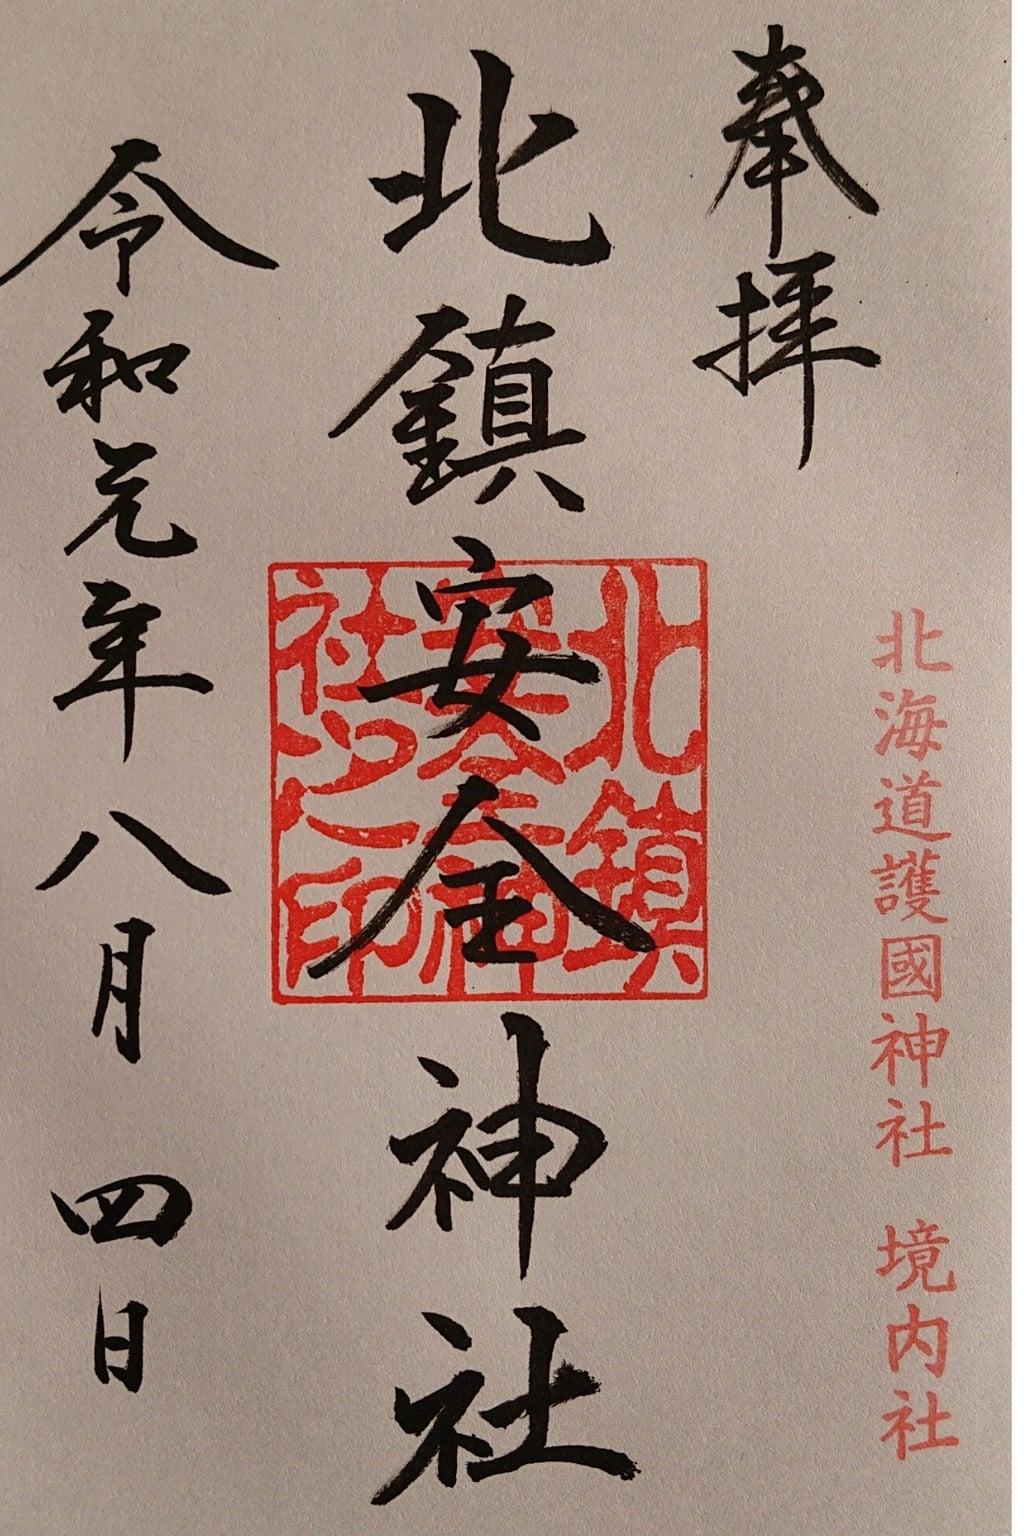 北鎮安全神社の御朱印